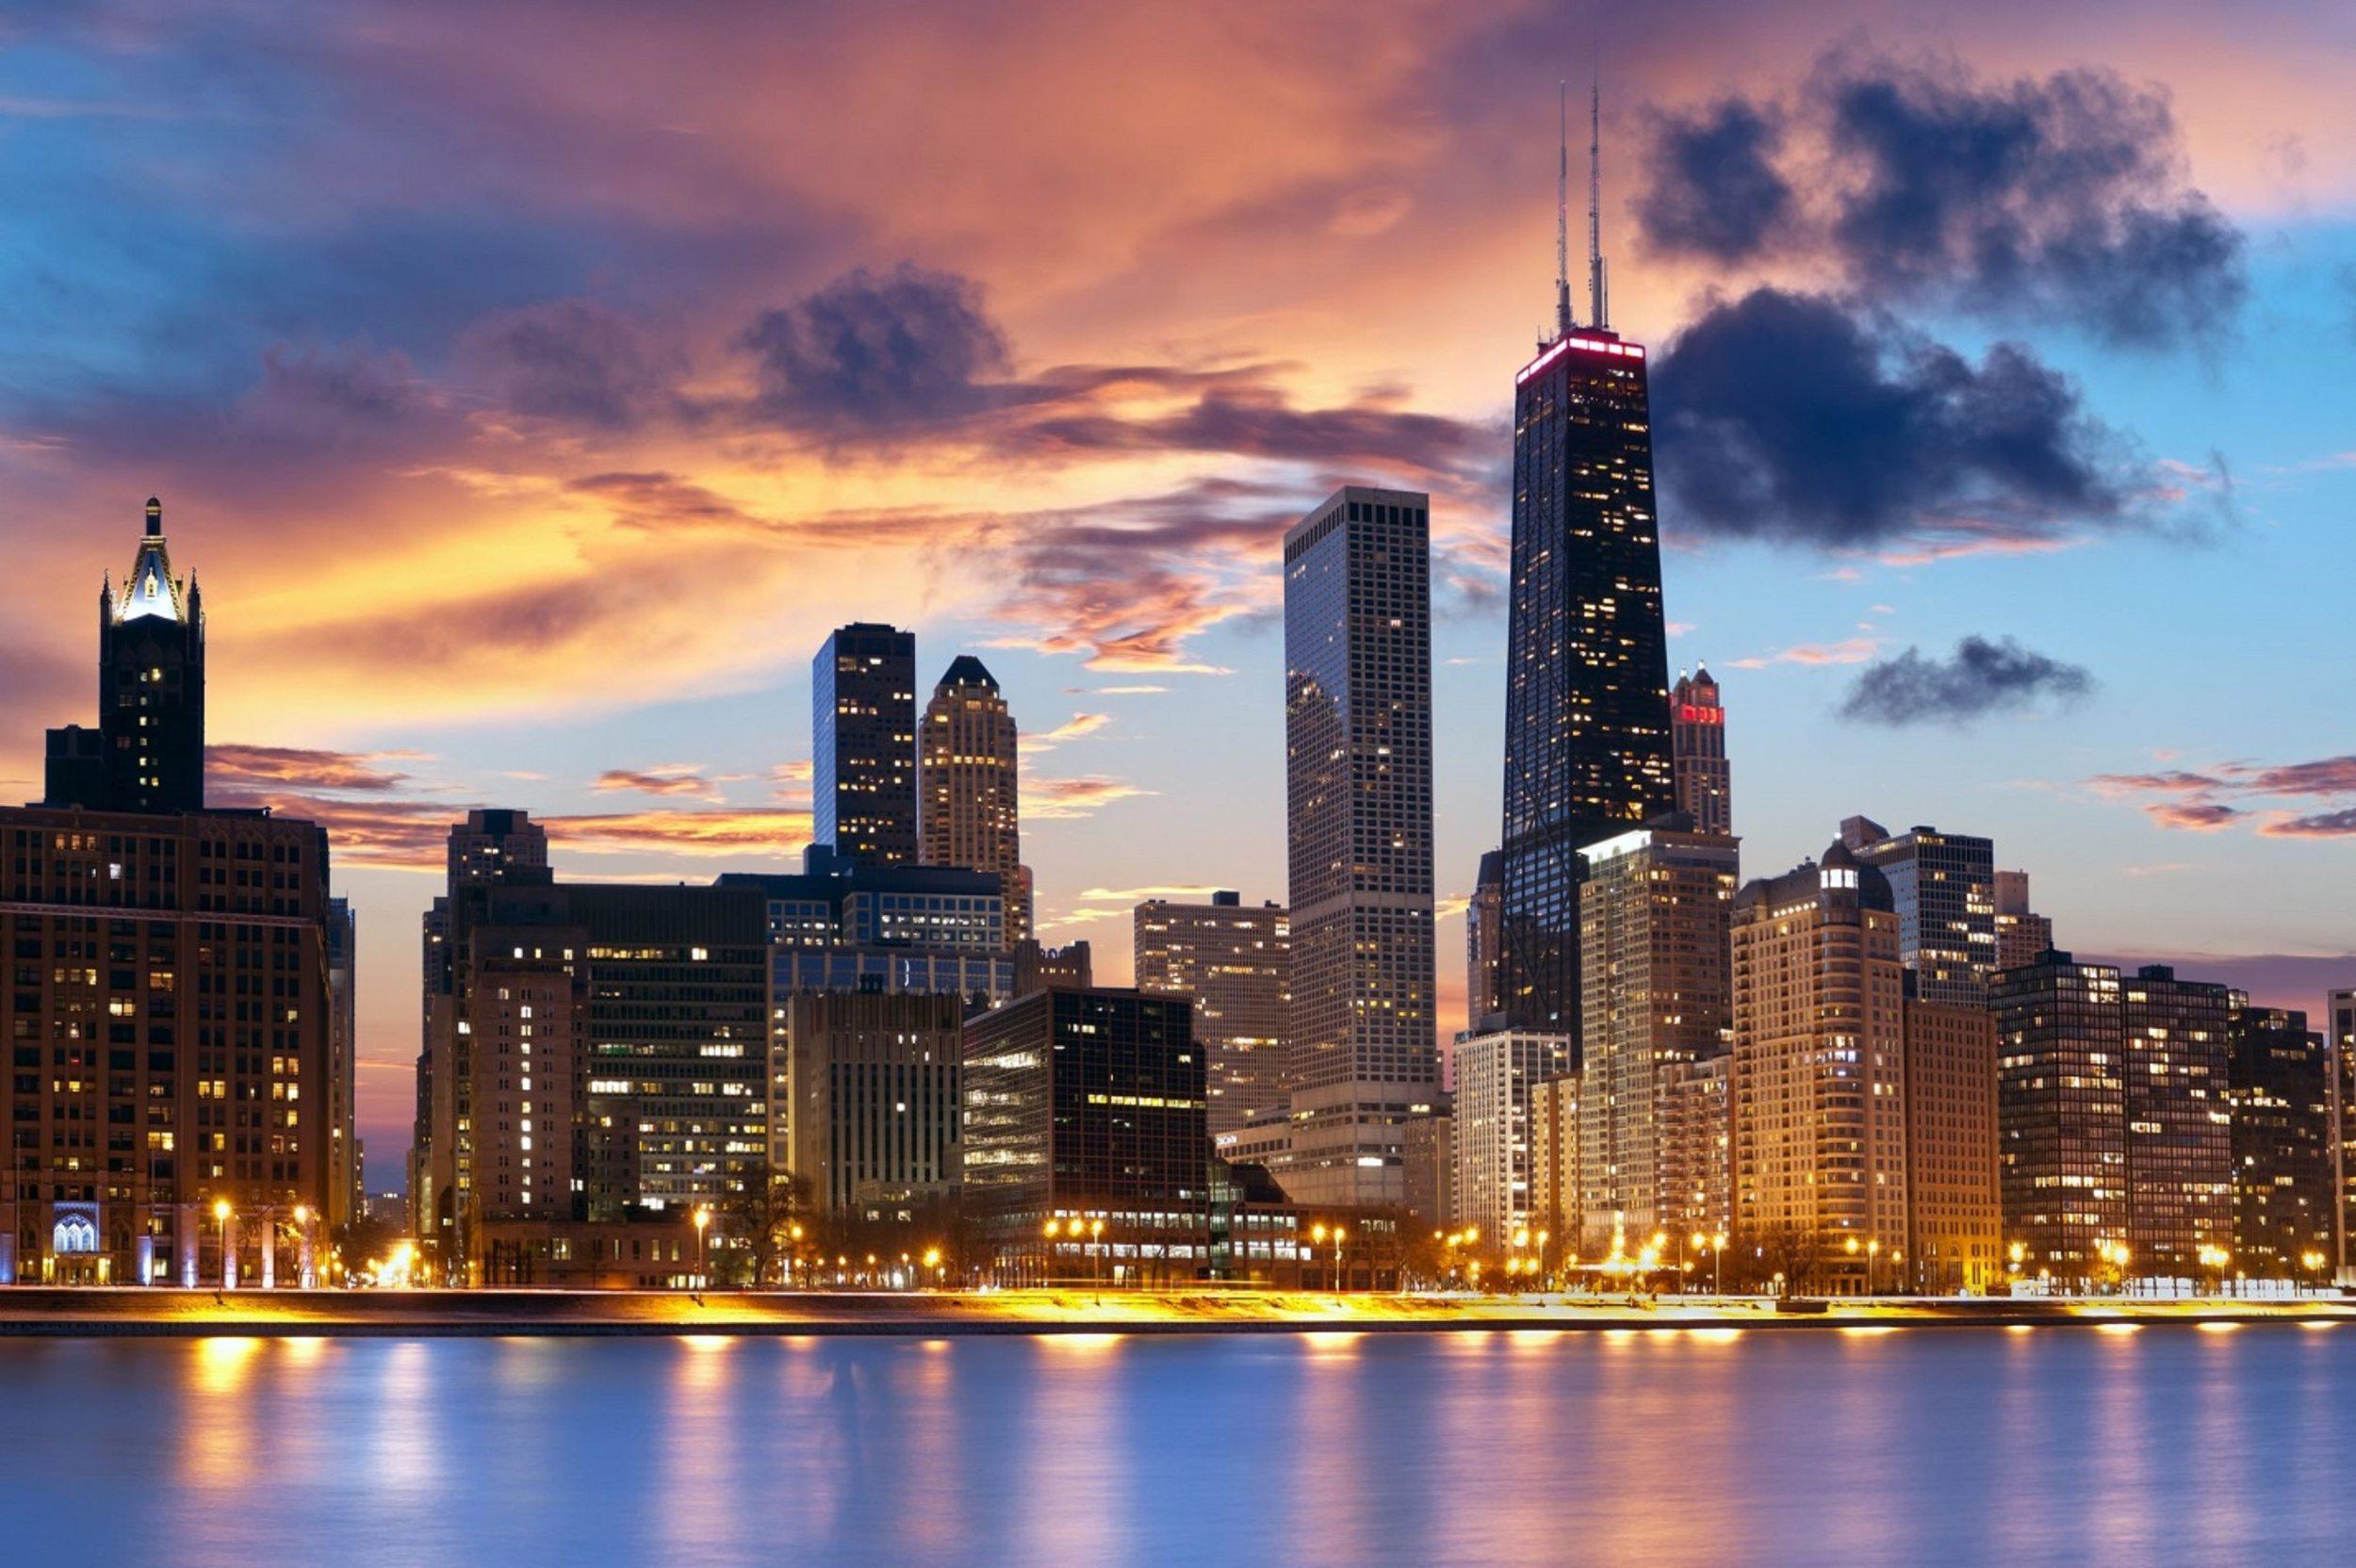 Chicago hoteis e roteiros de viagem